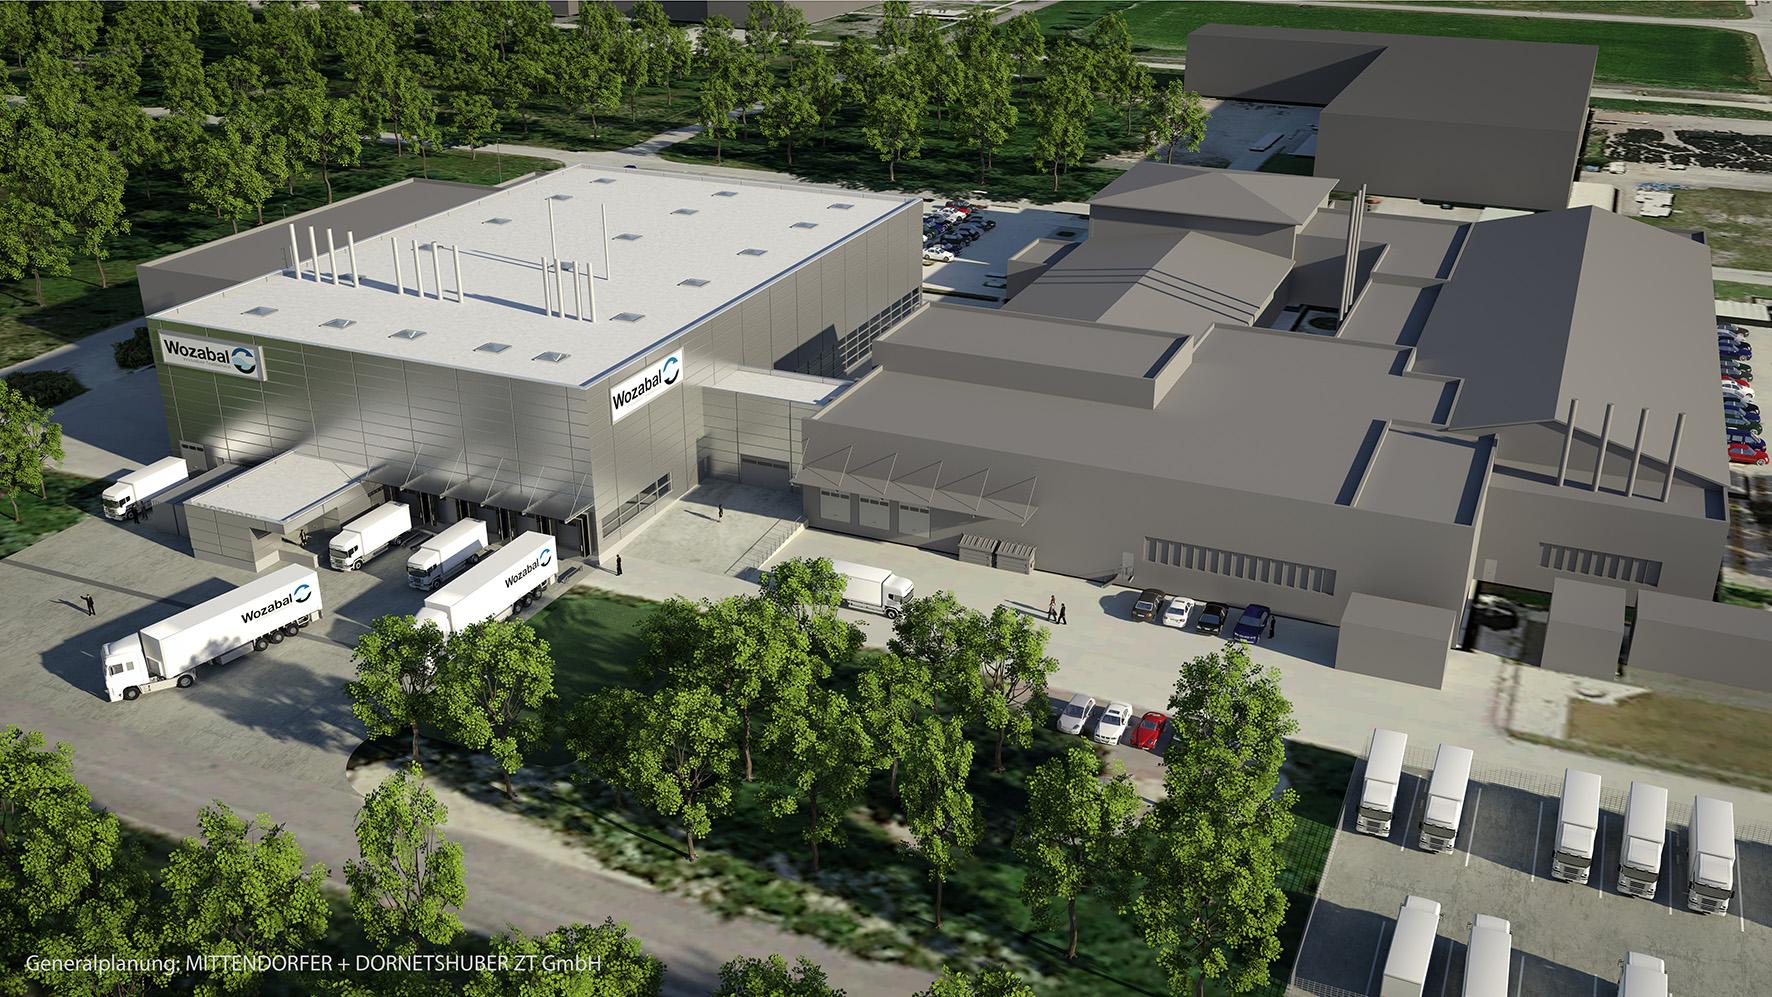 Wozabal investiert 14 mio euro in die modernste w scherei for Cucine moderne 4000 euro